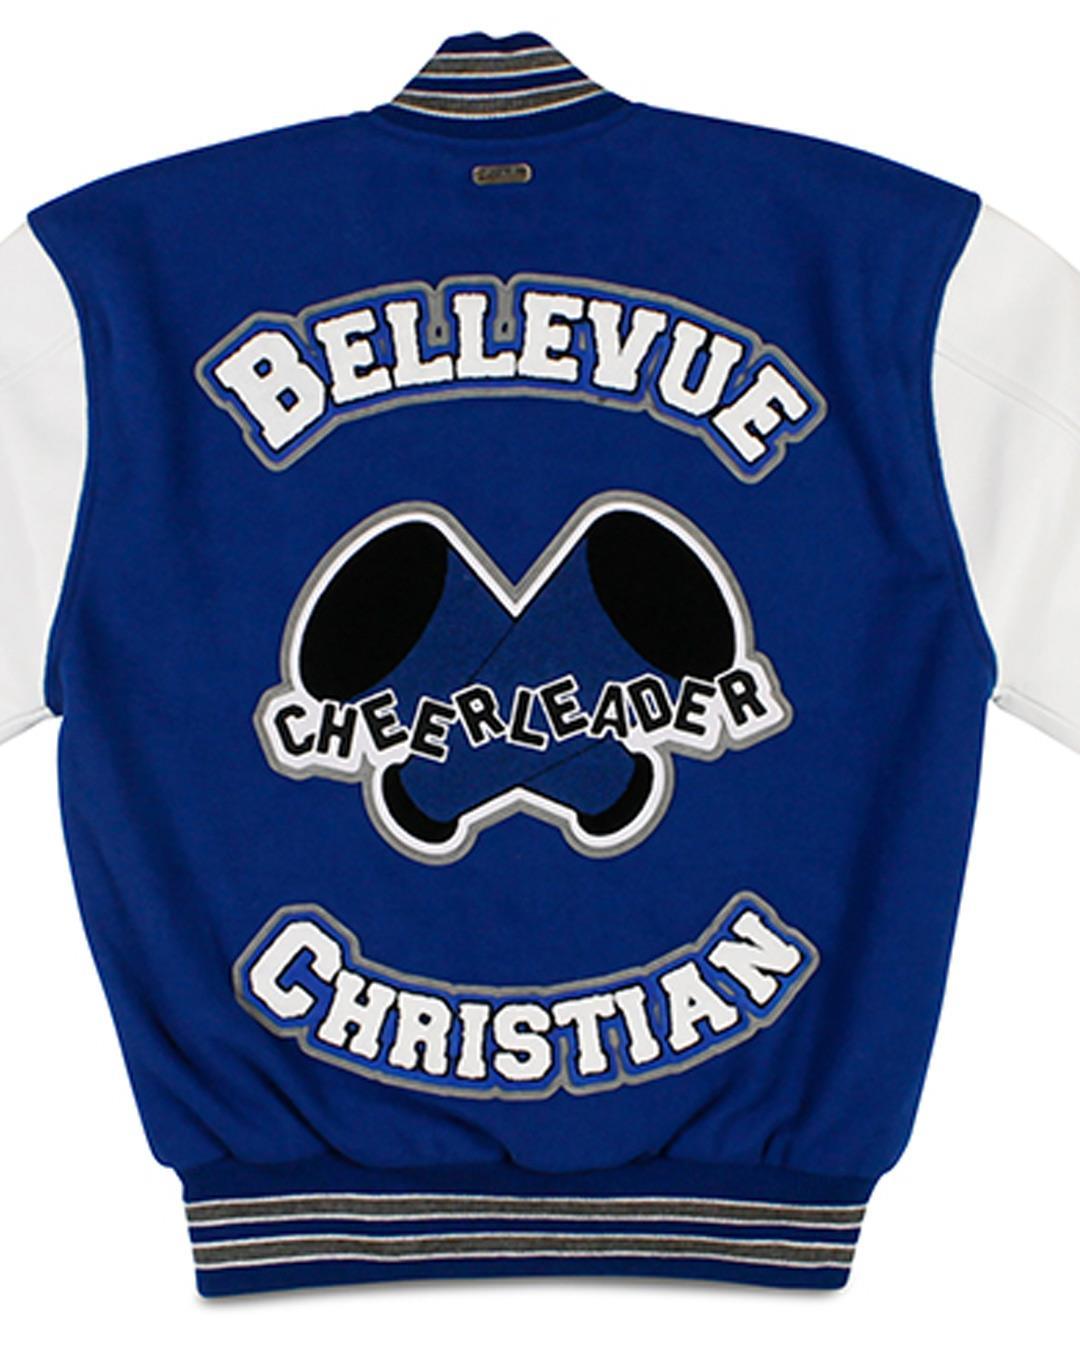 Bellevue Christian School Letter Jacket, Bellevue WA - Back